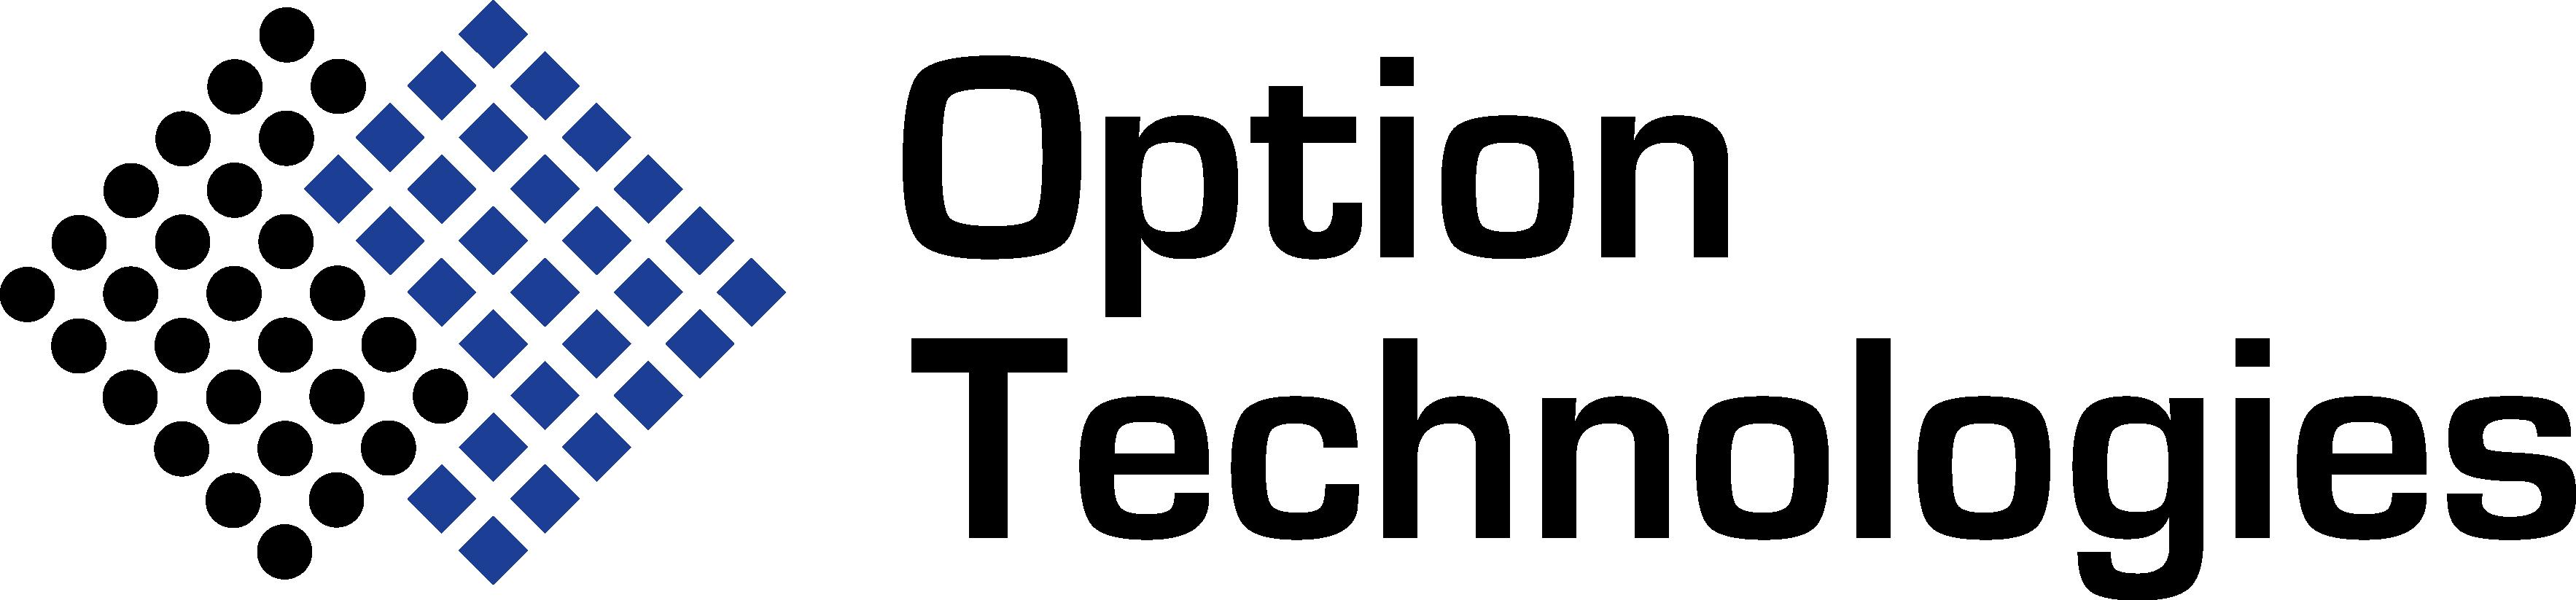 Daniel Bohannon - OTI Logo BIG-1.png